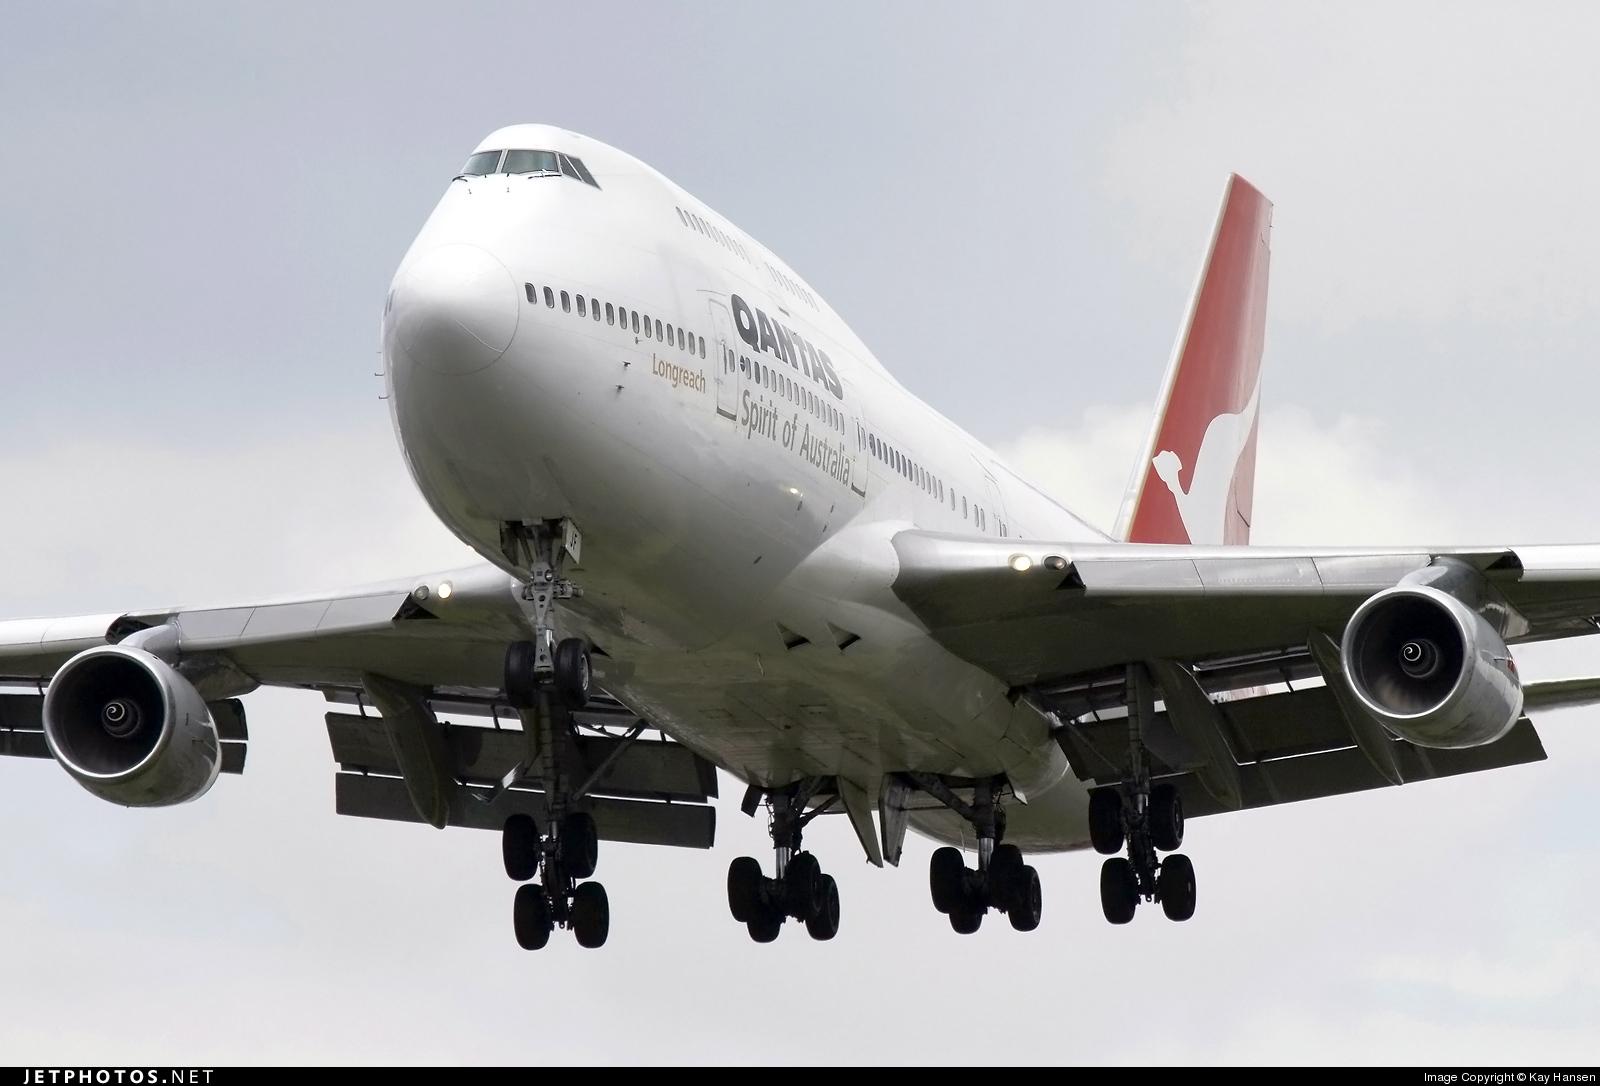 VH-OJF - Boeing 747-438 - Qantas